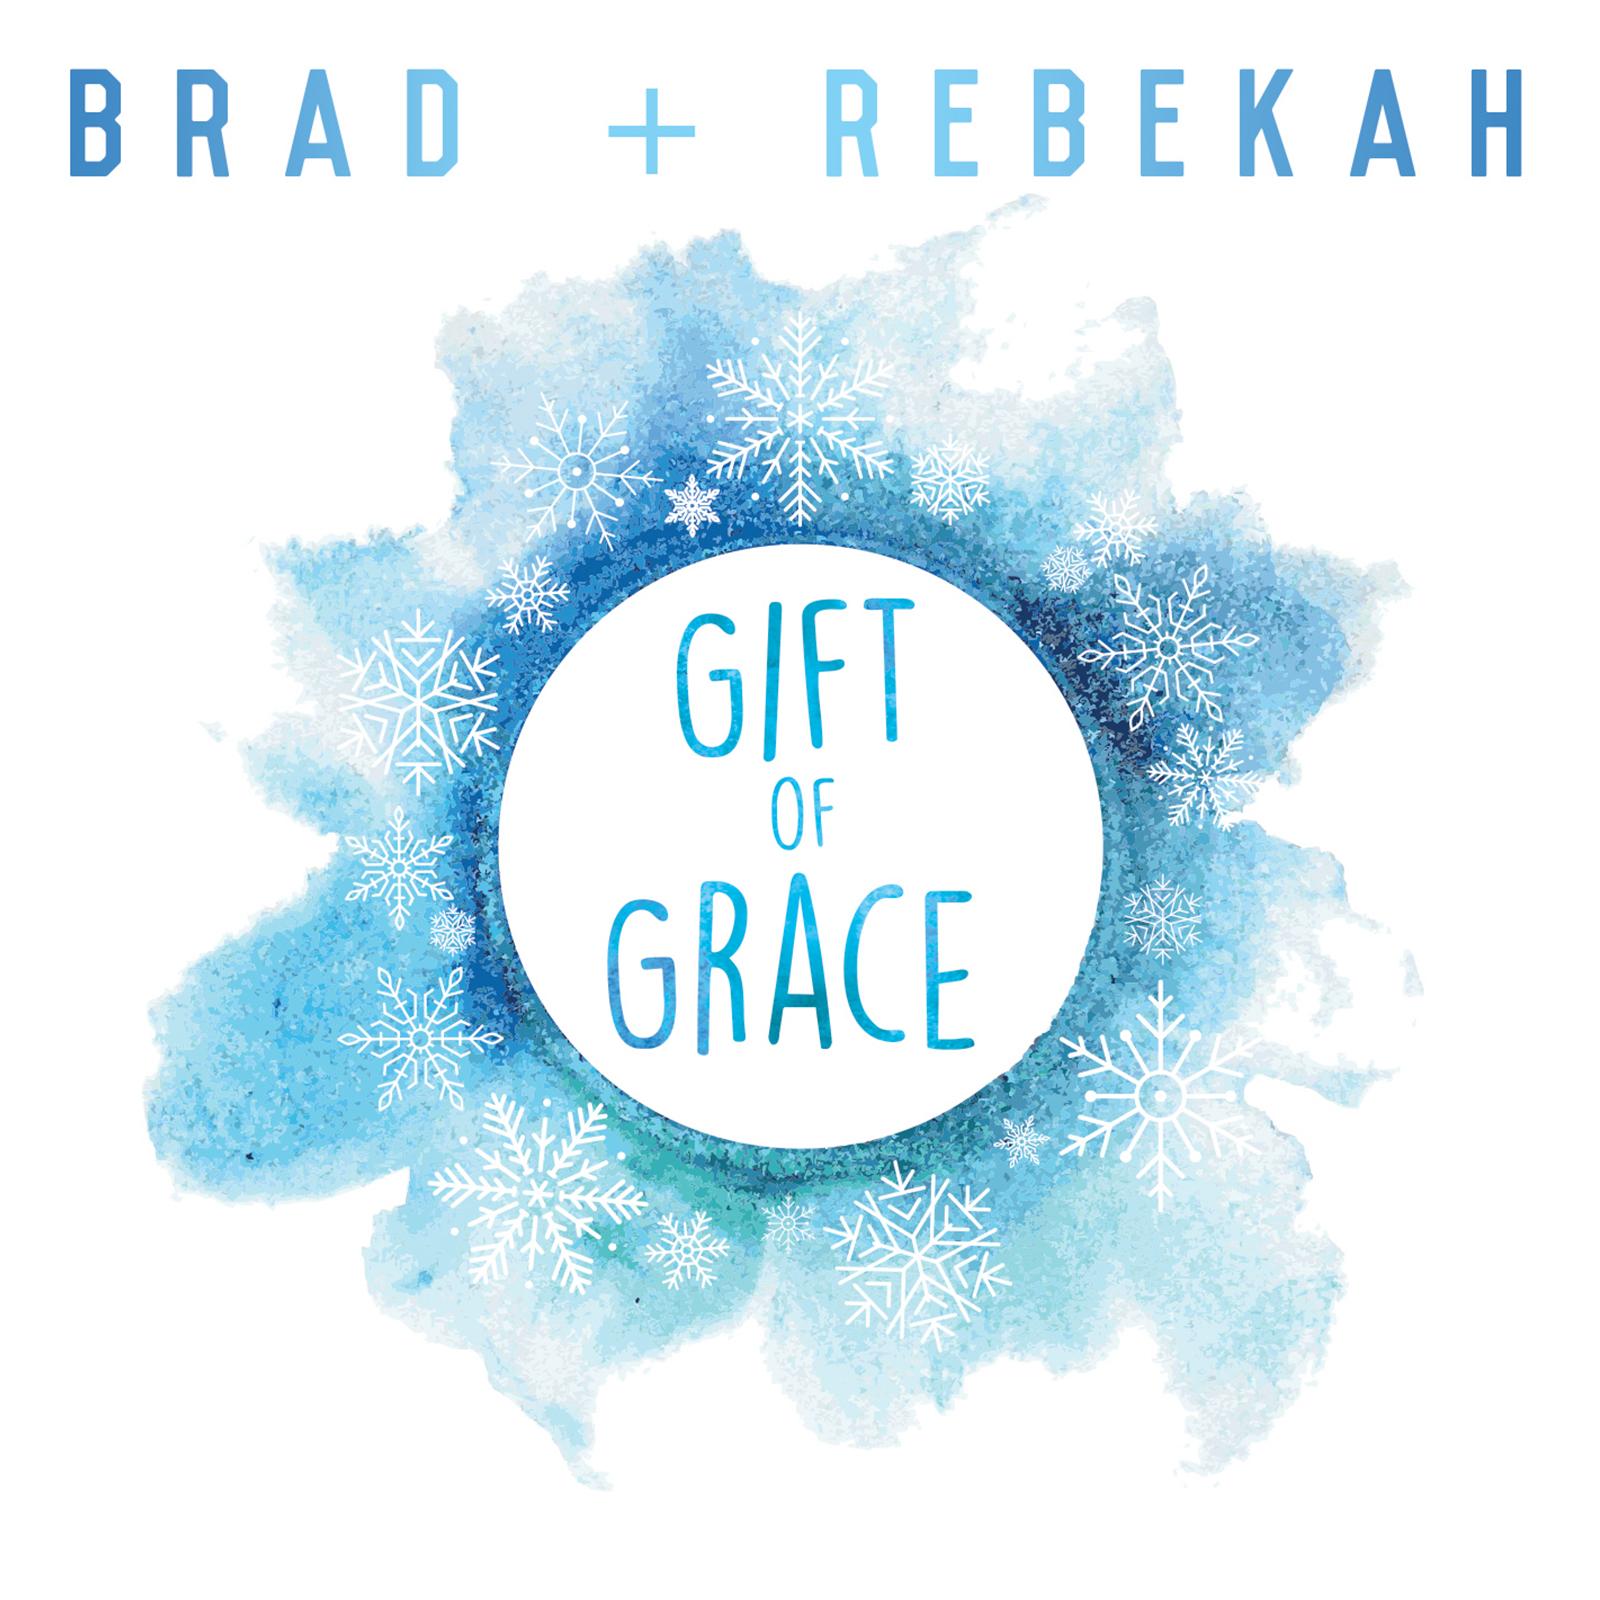 Gift-of-Grace-Square.jpg